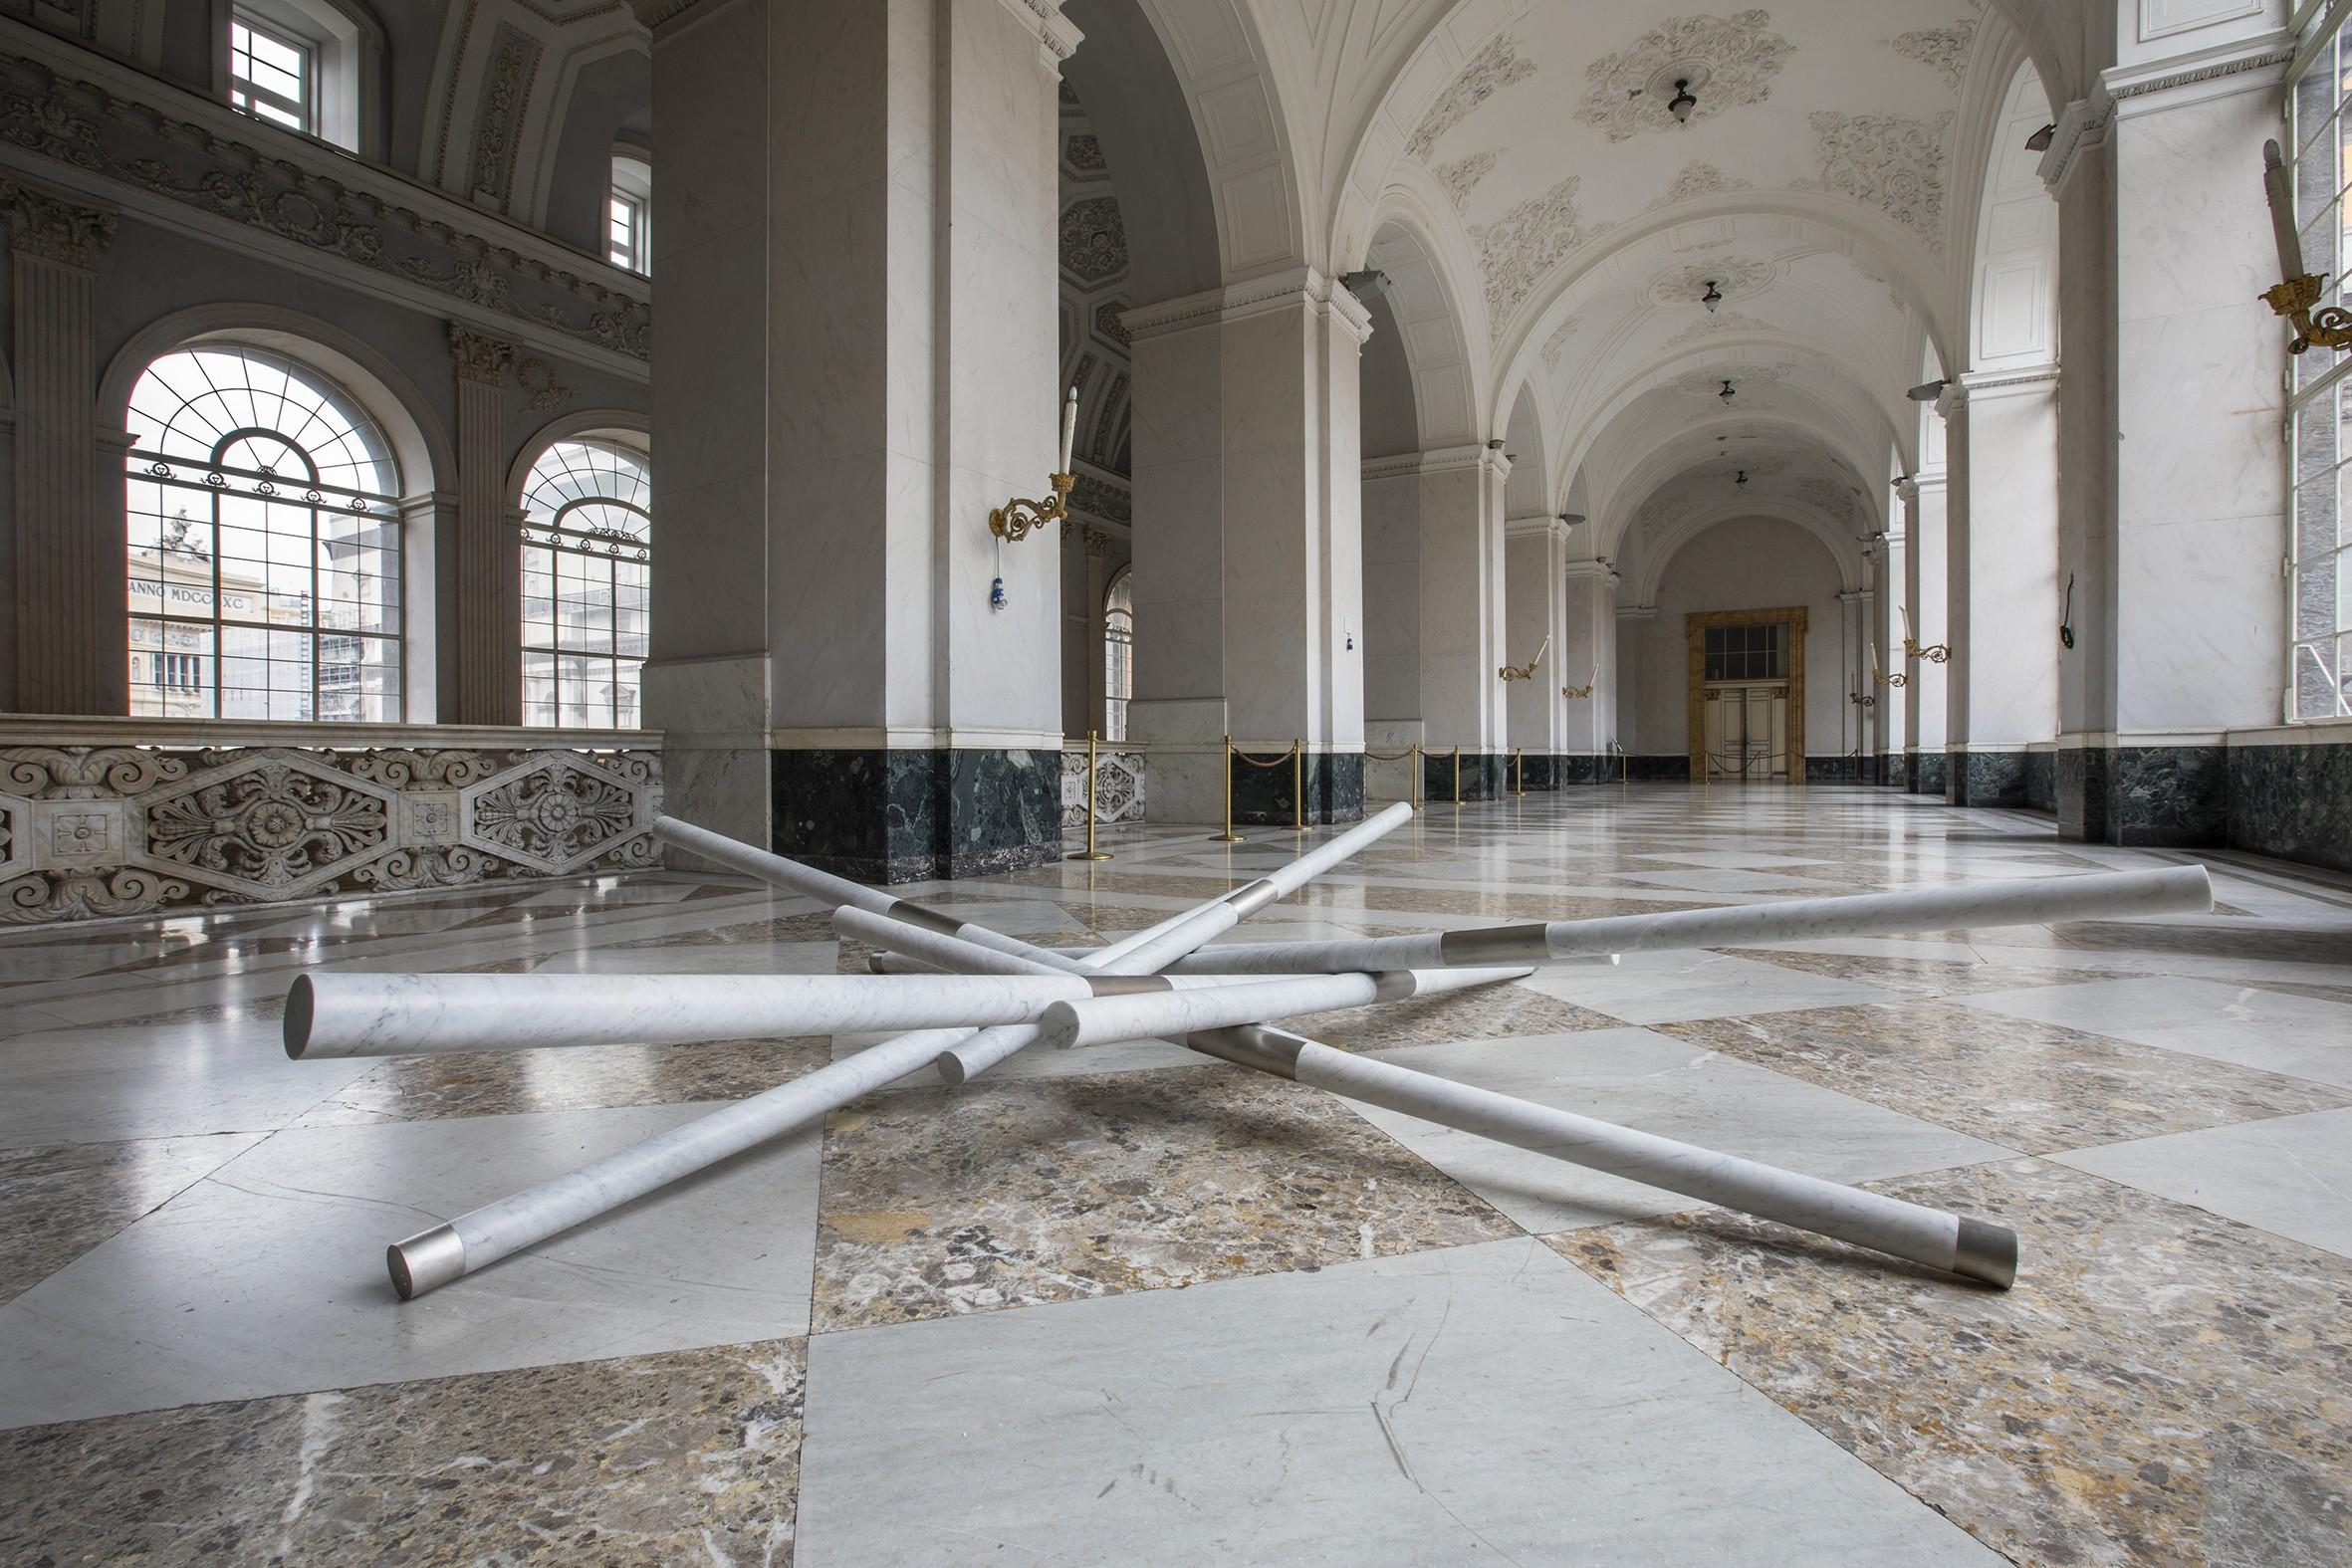 Capire una cultura, grazie a un'altra. Hidetoshi Nagasawa a Palazzo Reale di Napoli